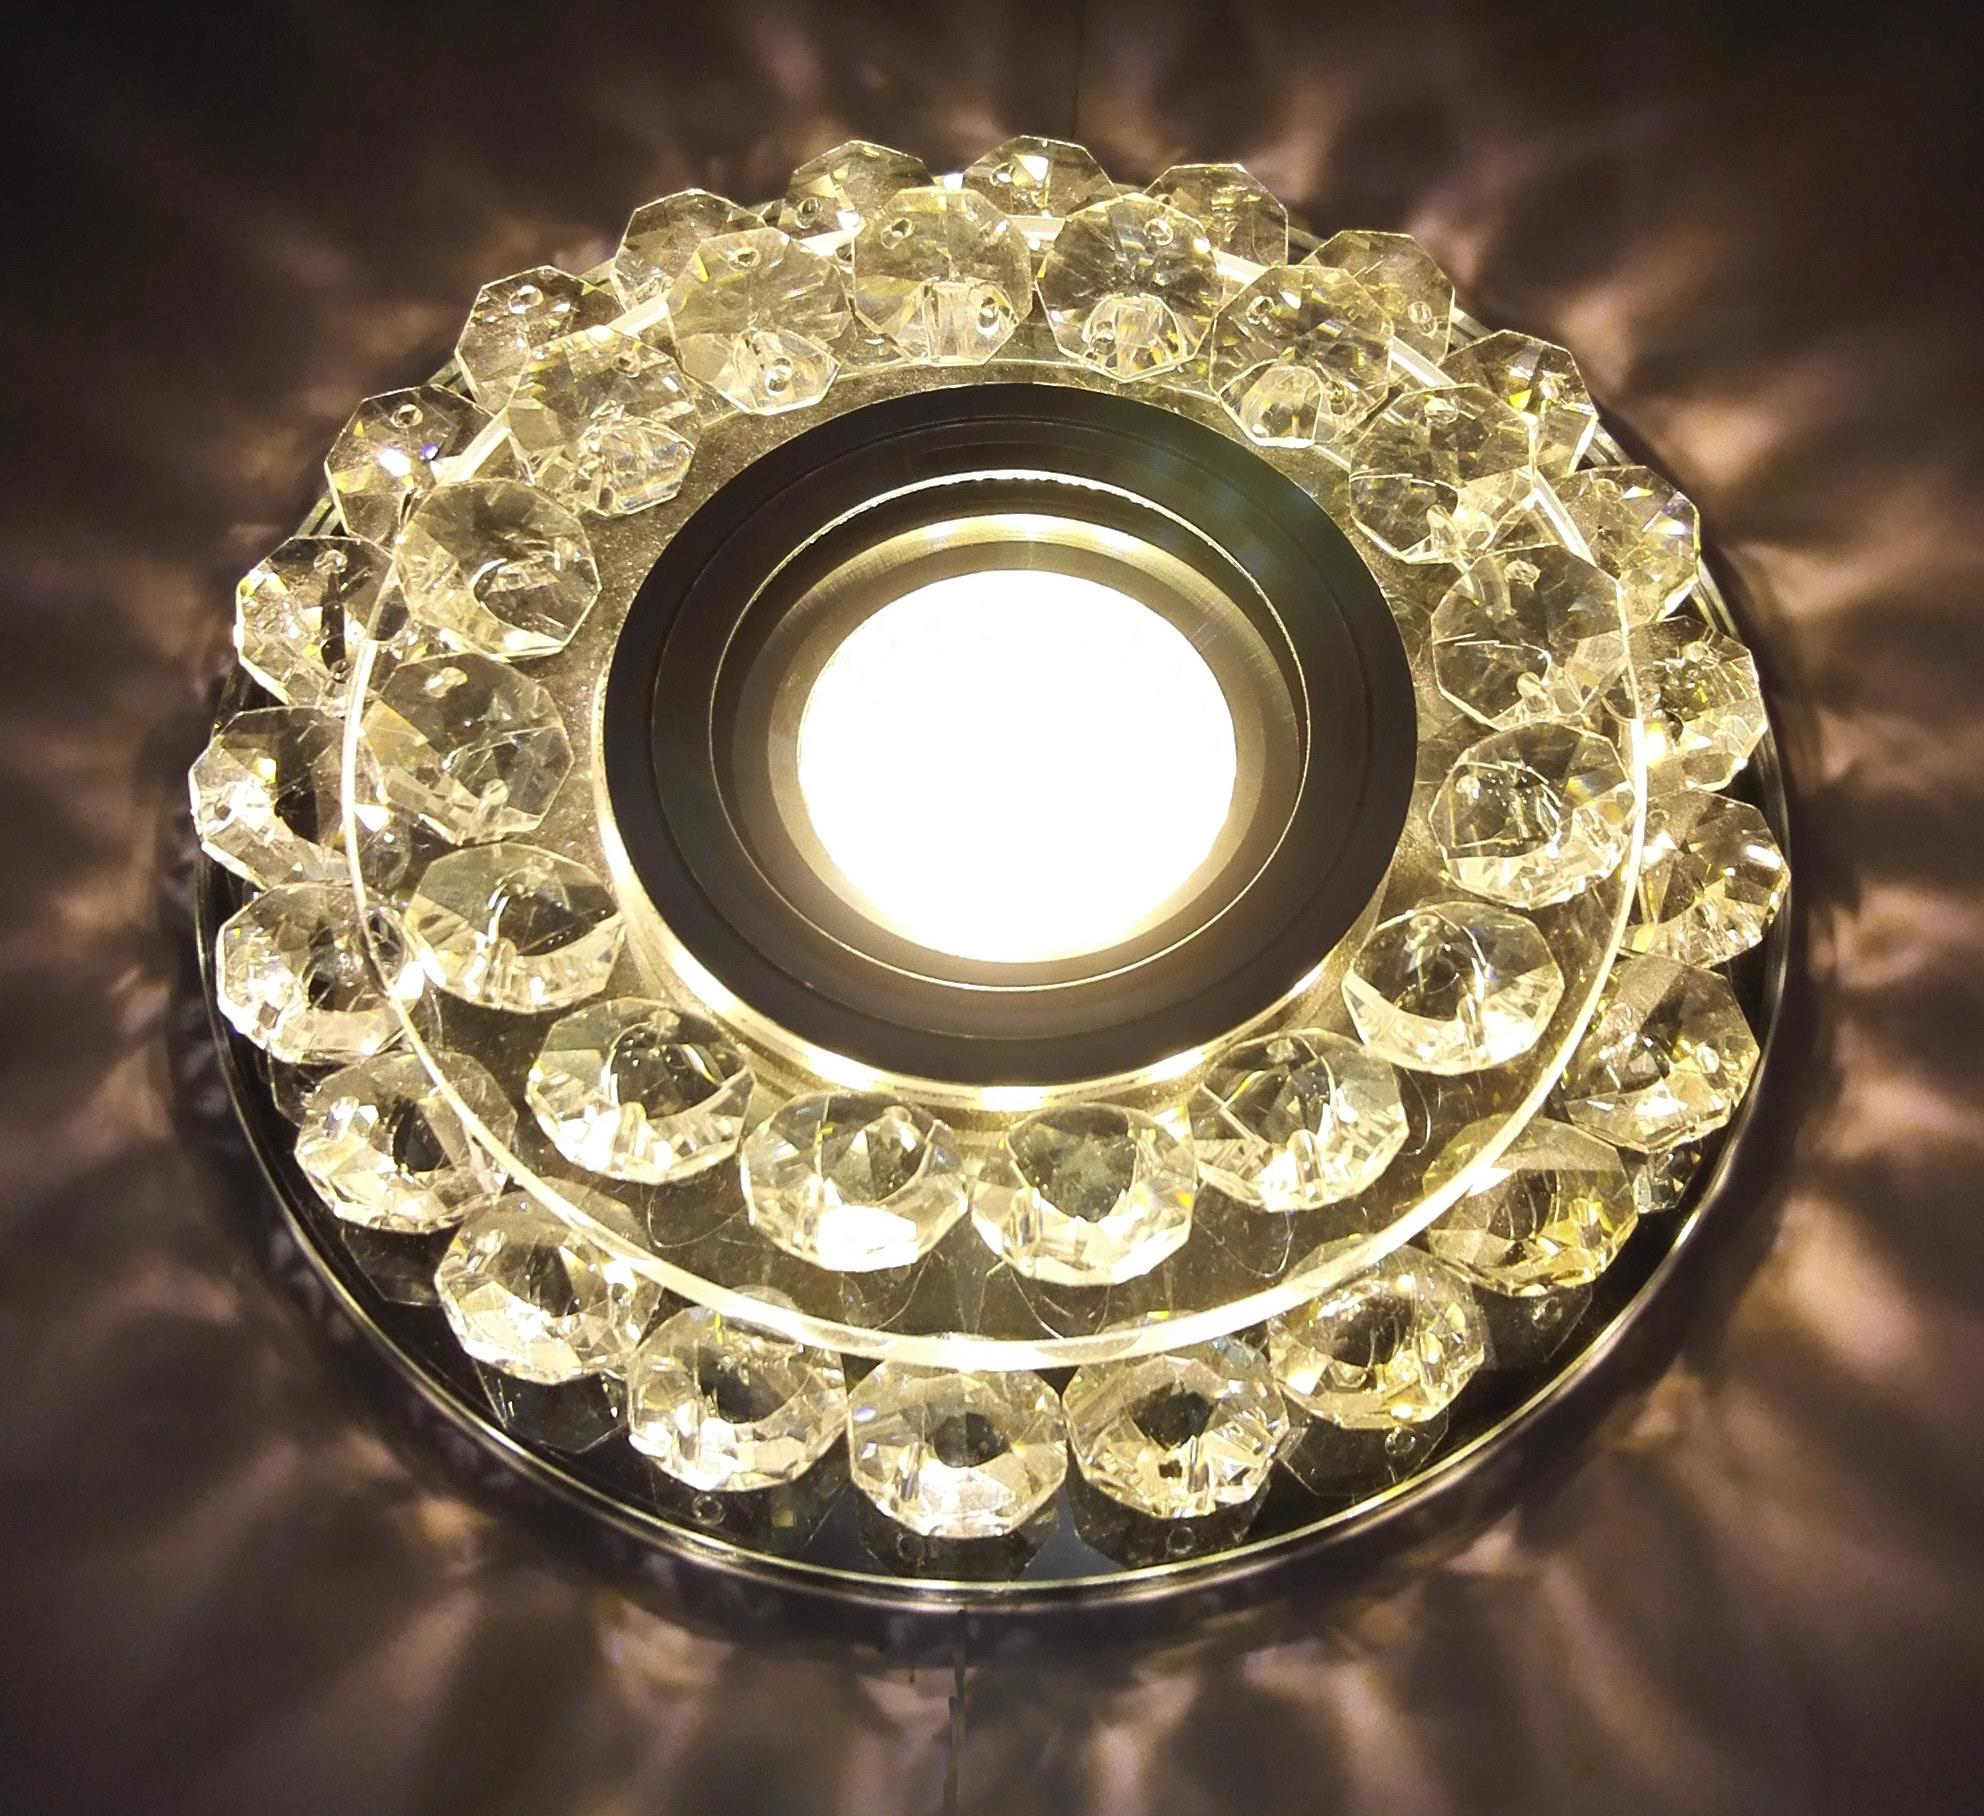 Светильник De fran Ft 950 chbk с торцевой подсветкой 15smd 3Вт 330лм хром+черное зеркало+кристаллы светильник de fran ft 861 ch